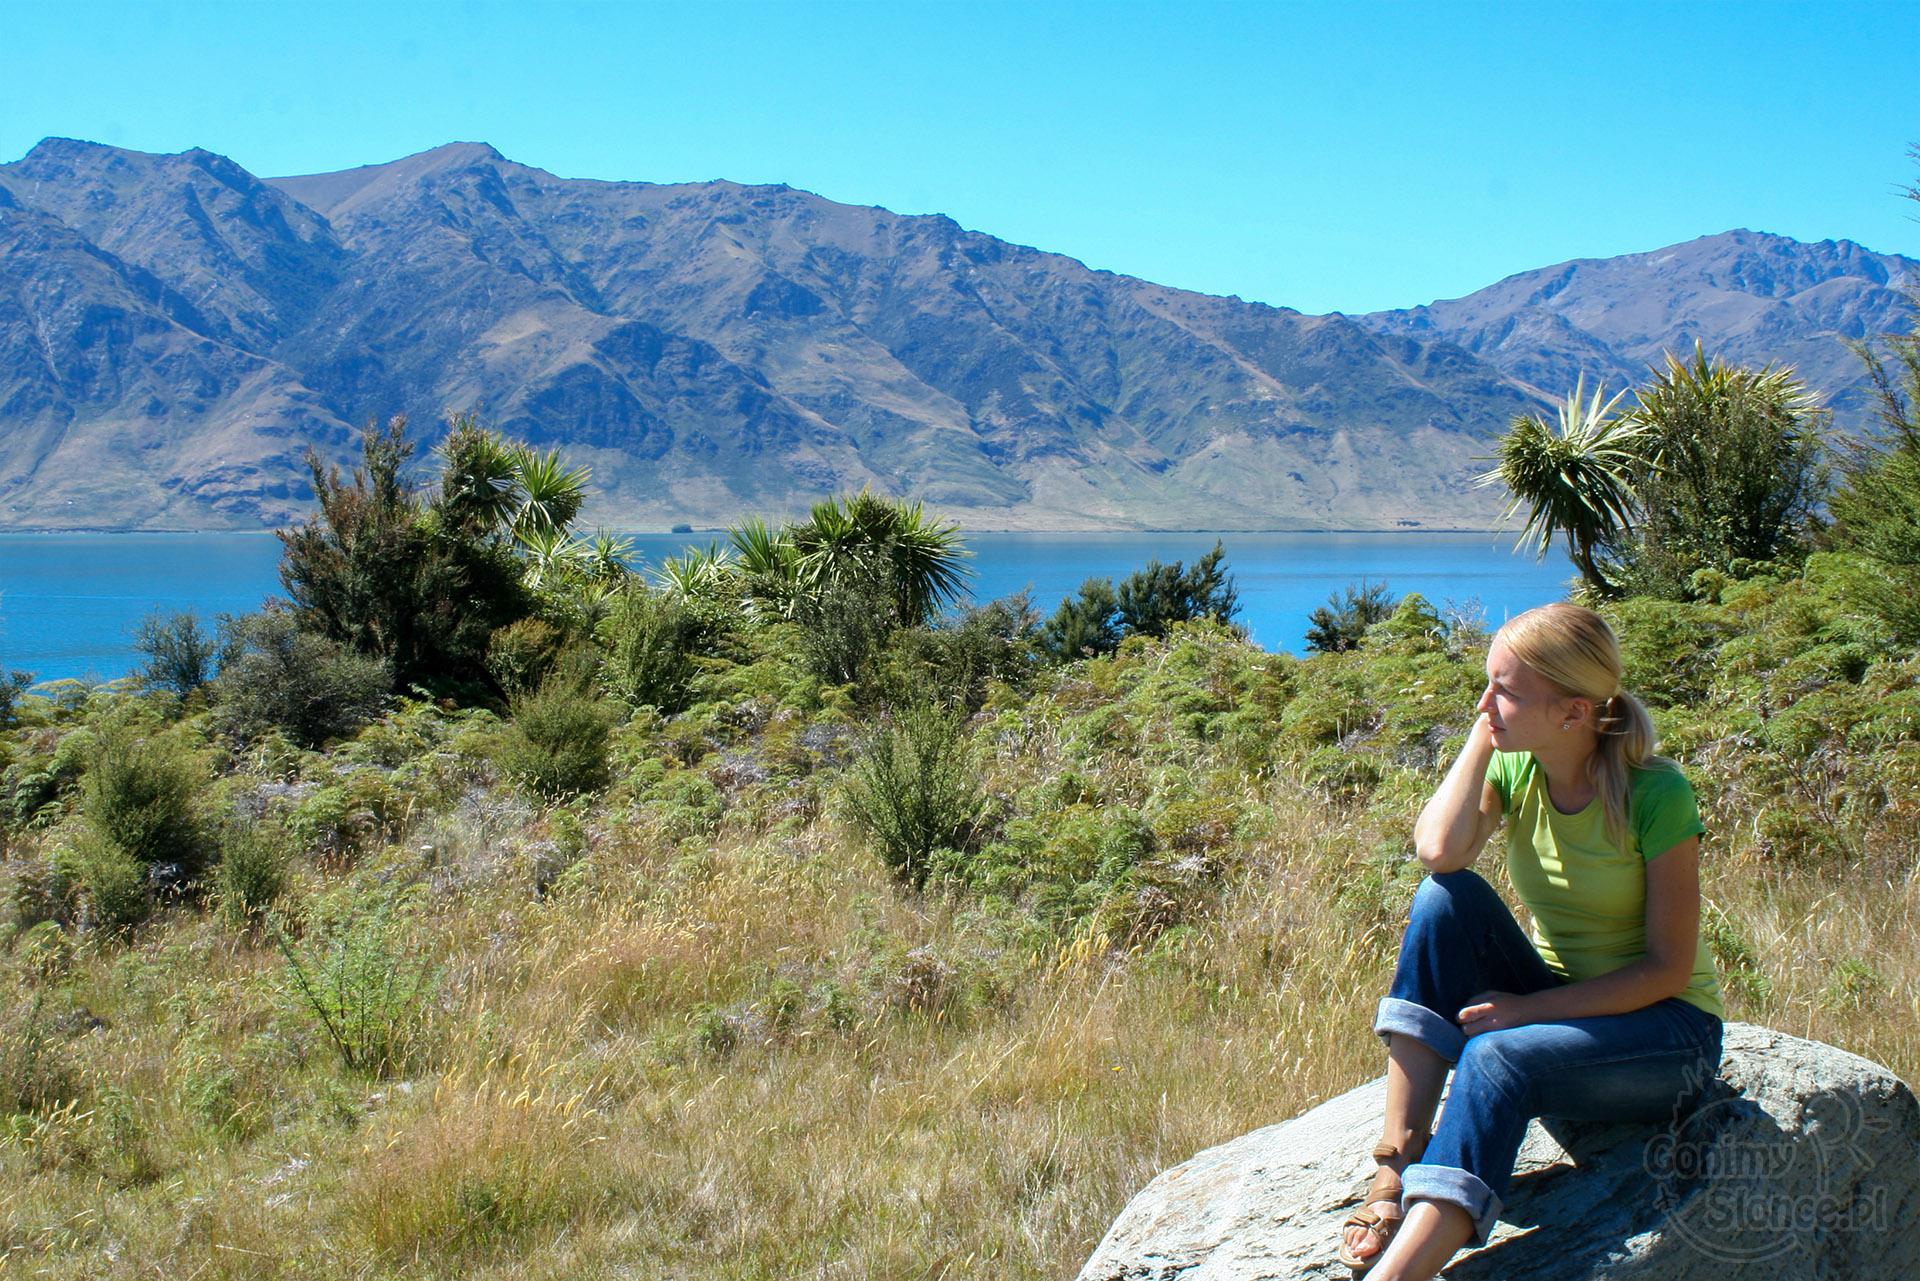 Nowa Zelandia, tęsknota na domem - wady podróży dookoła świata